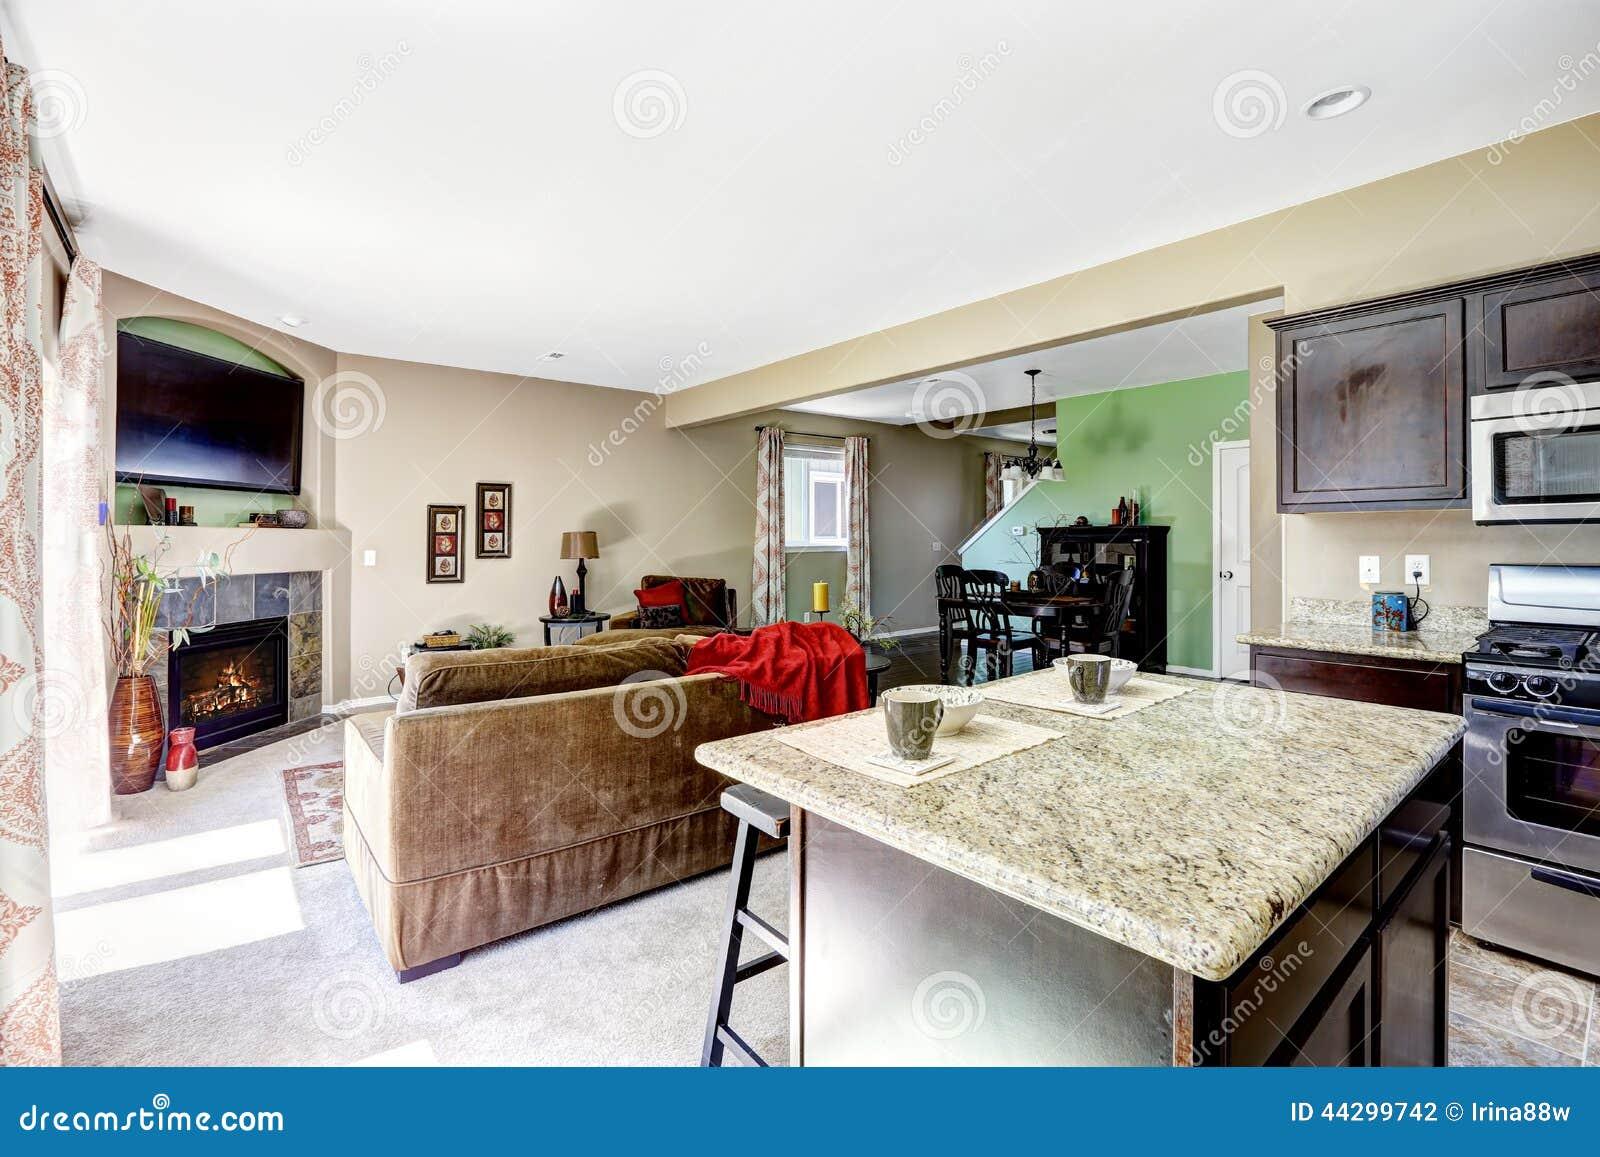 wohnzimmer mit offener küche | jtleigh - hausgestaltung ideen